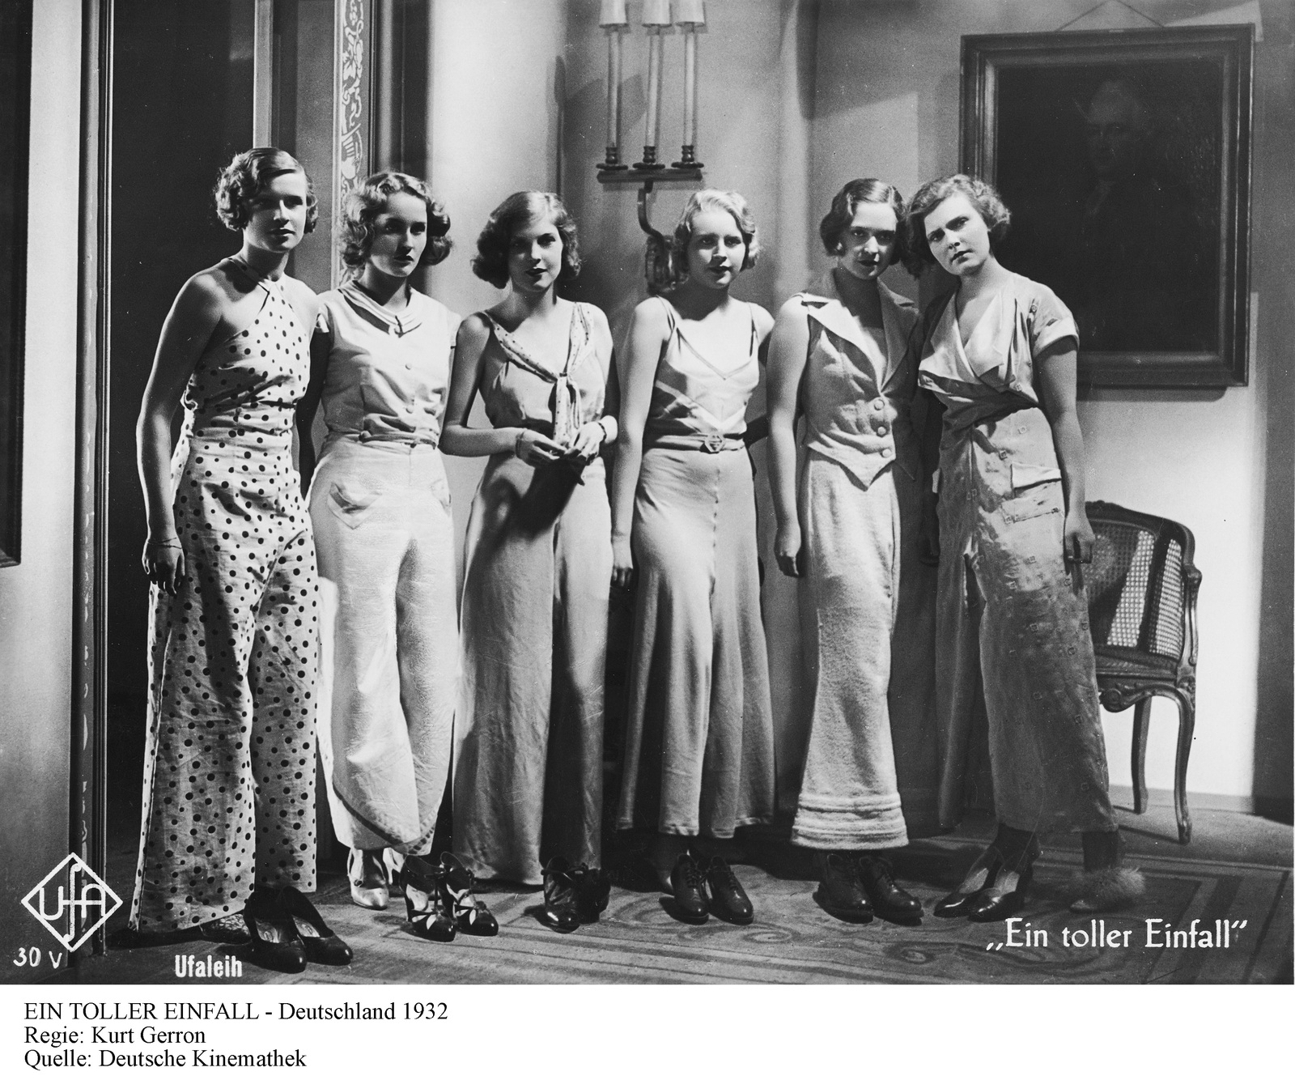 Ein toller Einfall (A Crazy Idea). 1932. image